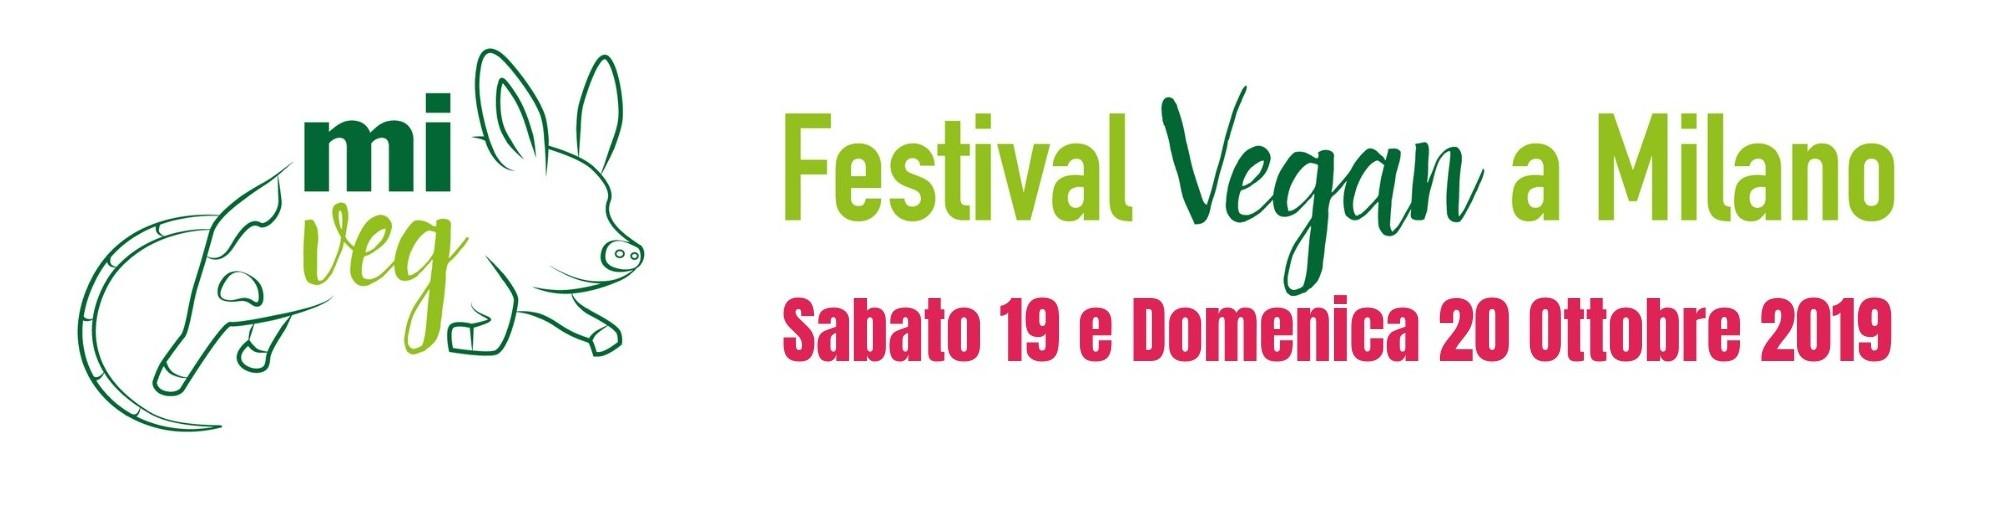 mi veg festival vegan milano